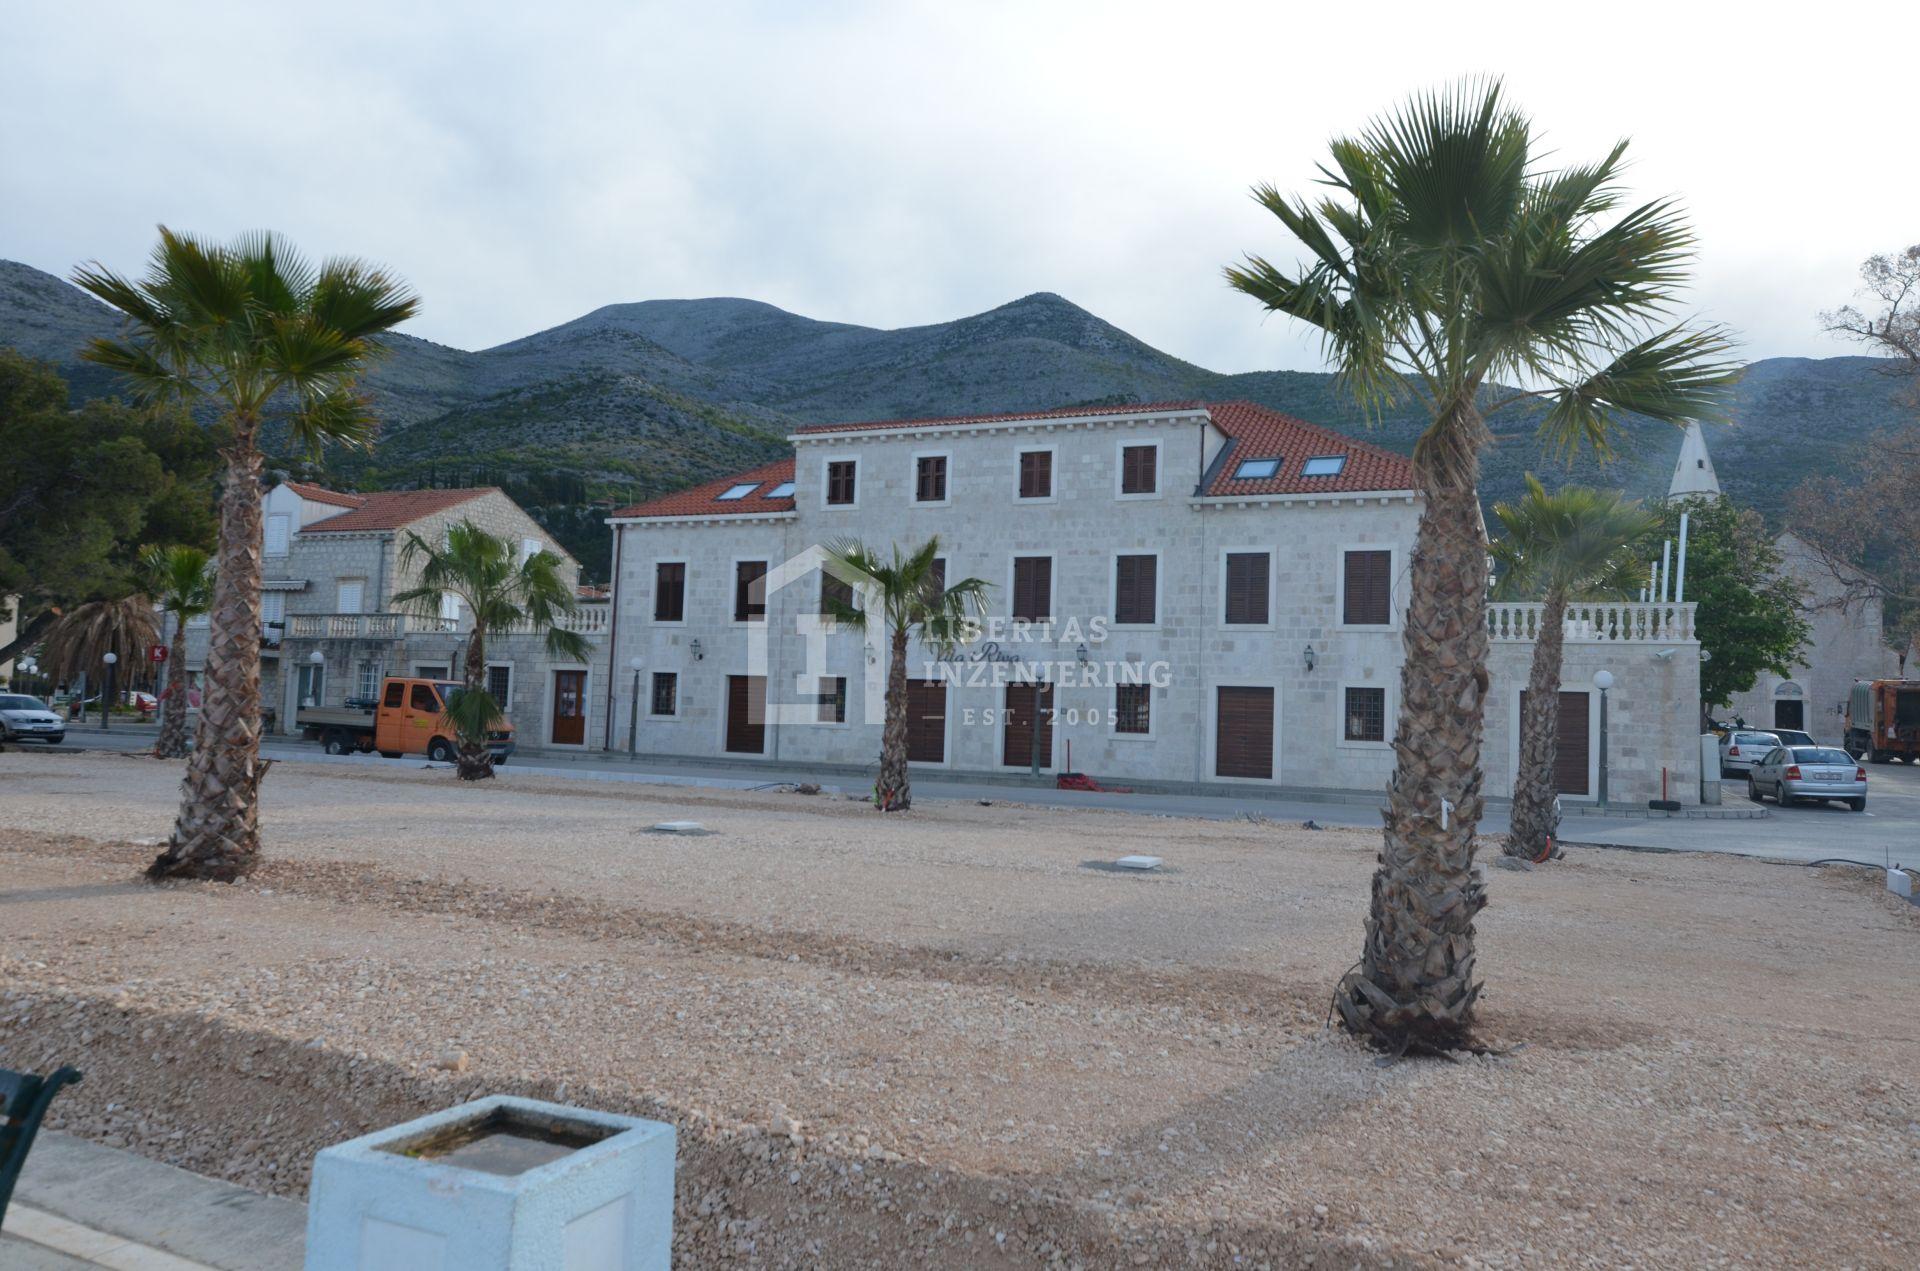 Main square in Slano